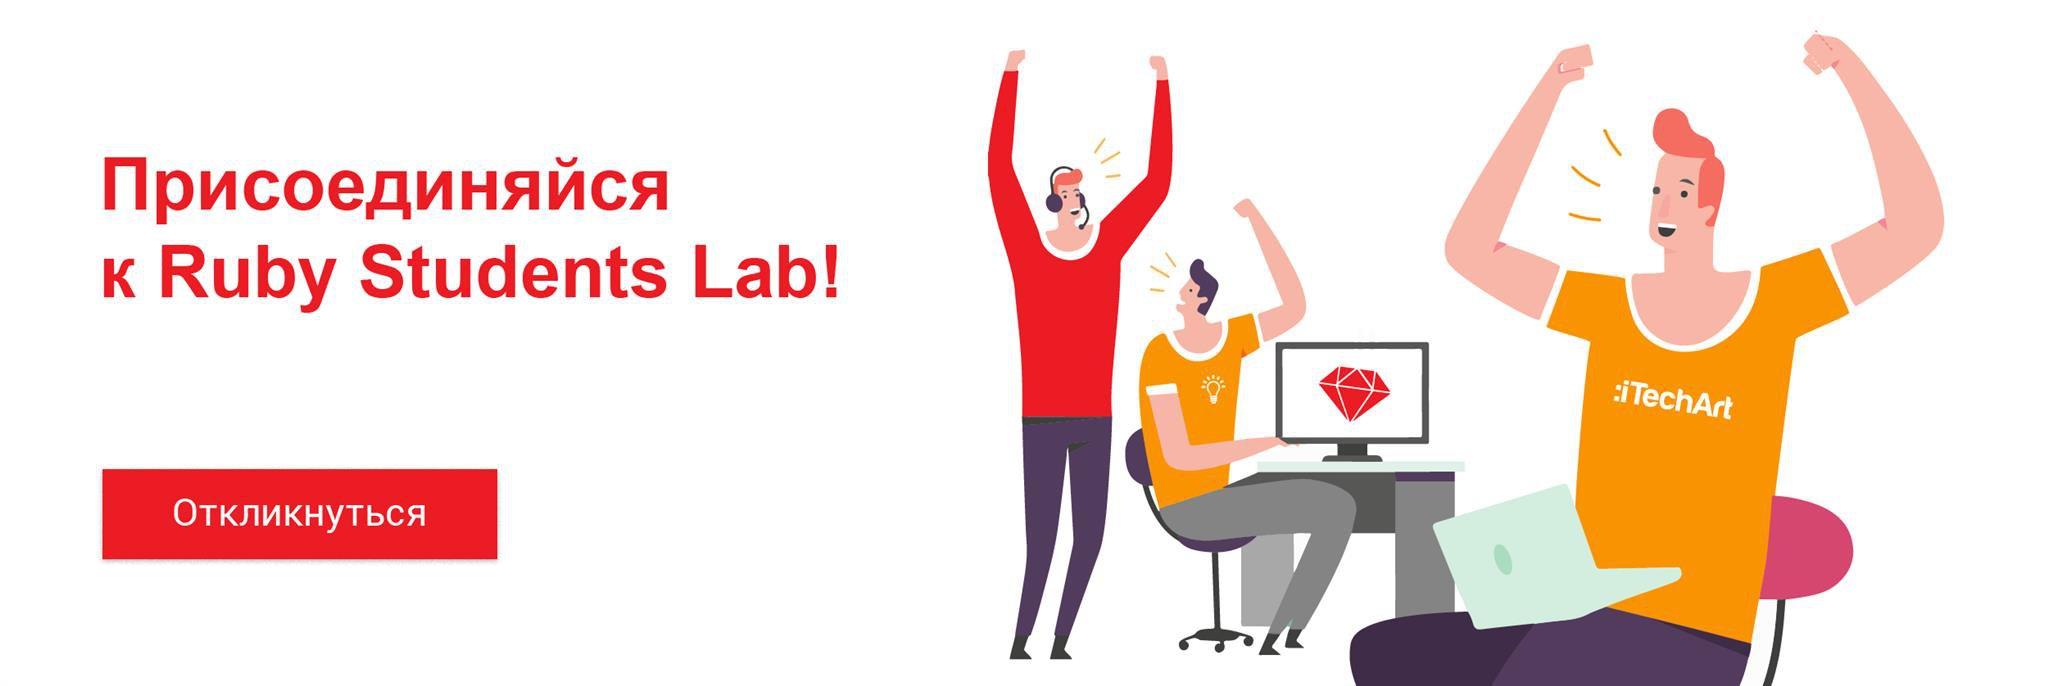 Разработчики iTechArt рассказывают о Ruby community и курсах - фото 1